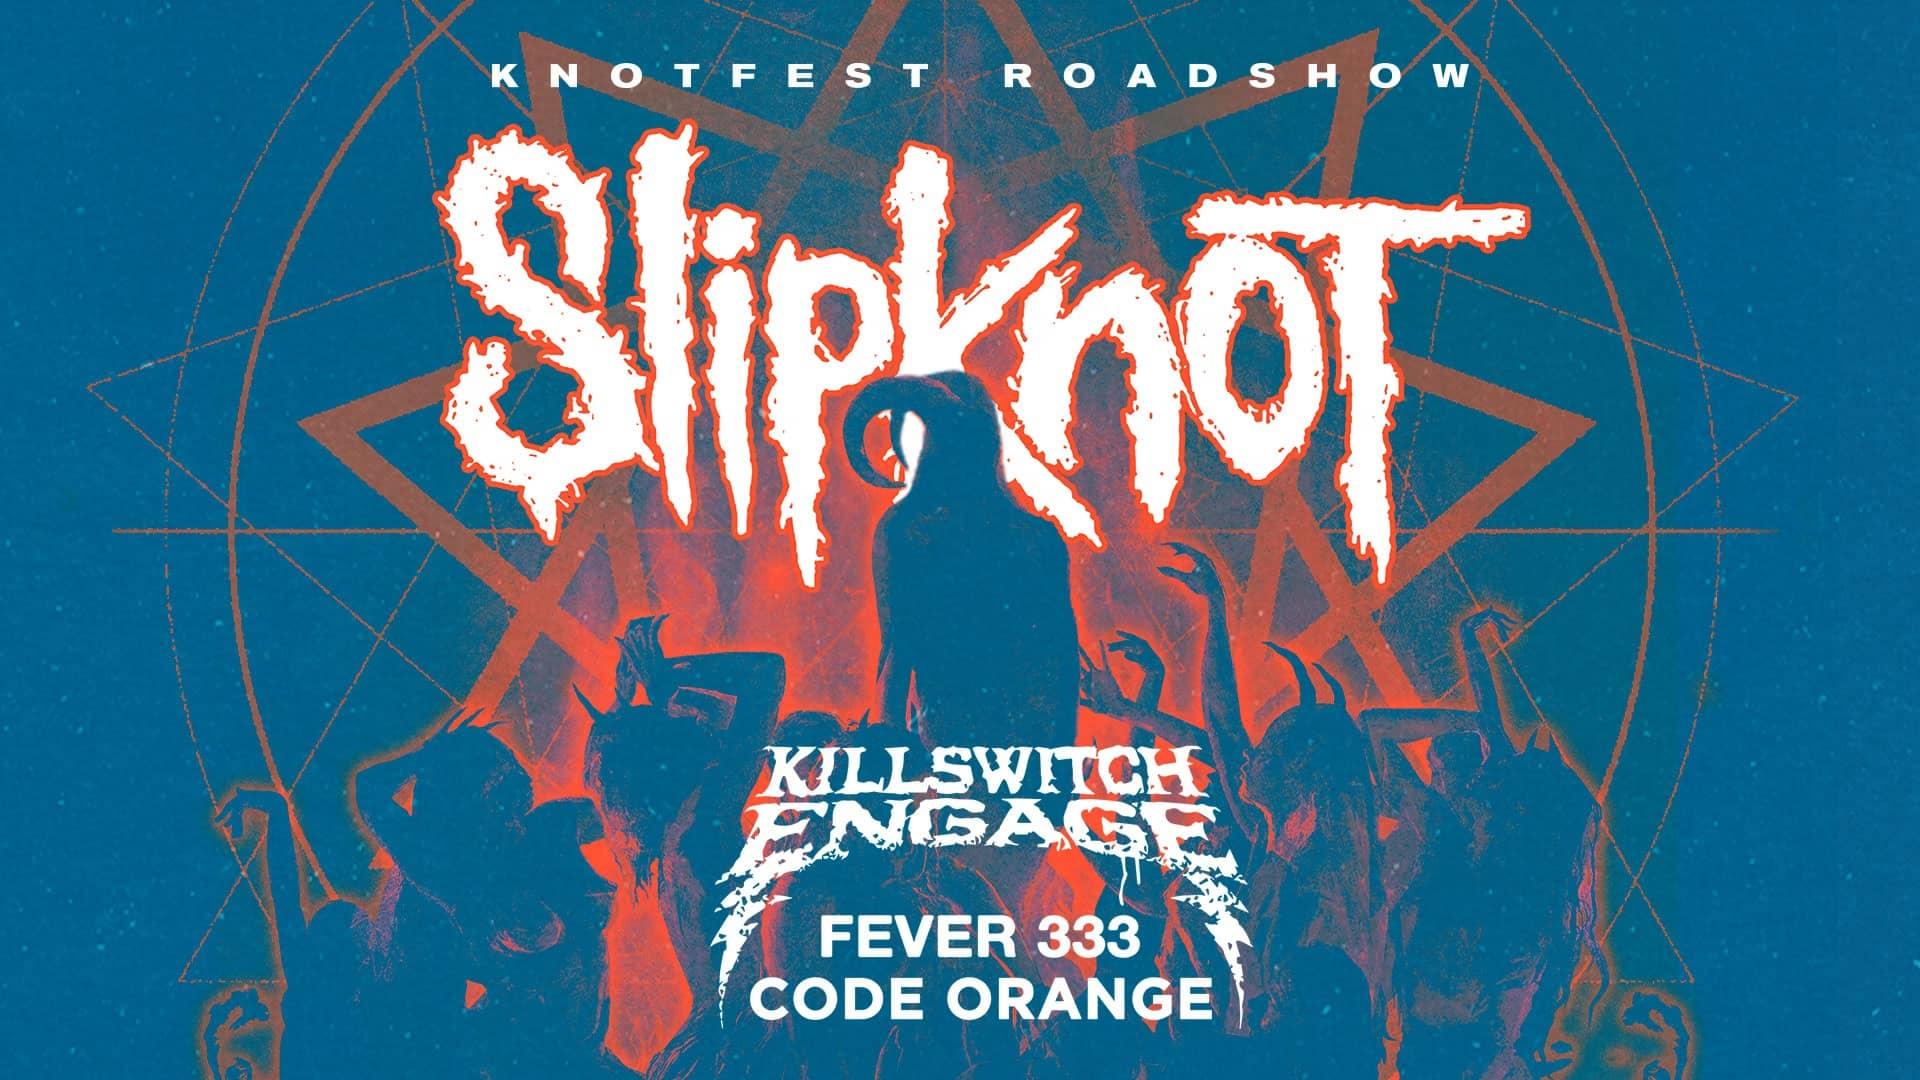 Slipknot concert poster